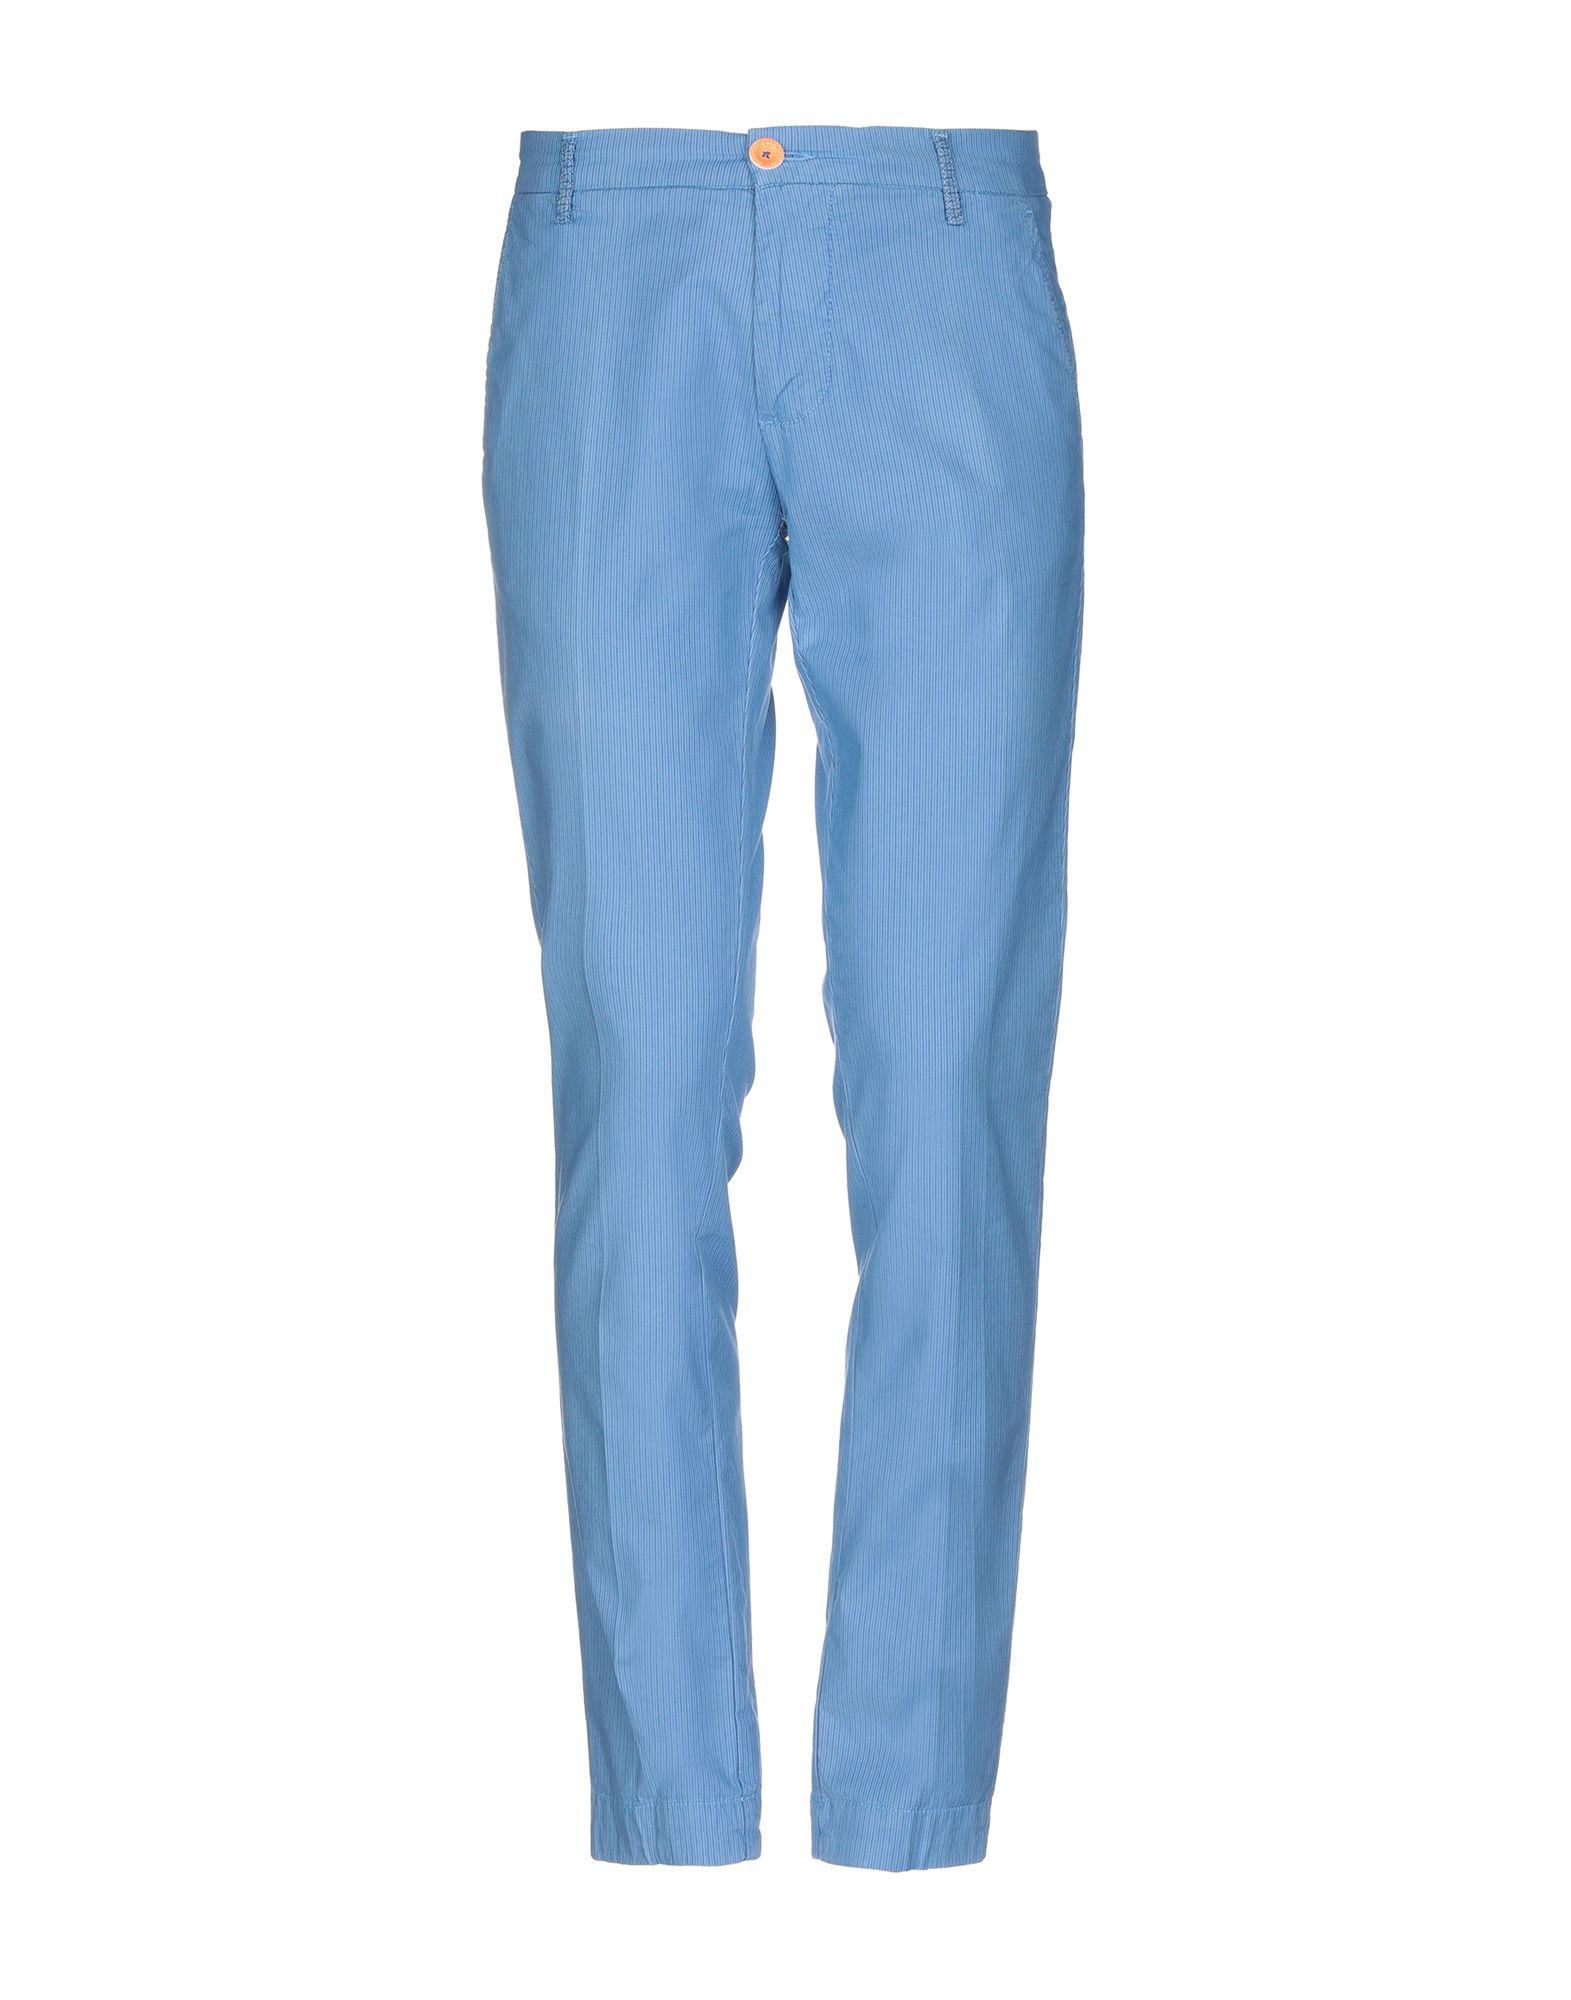 《セール開催中》DIMATTIA メンズ パンツ アジュールブルー 44 コットン 97% / ポリウレタン 3%